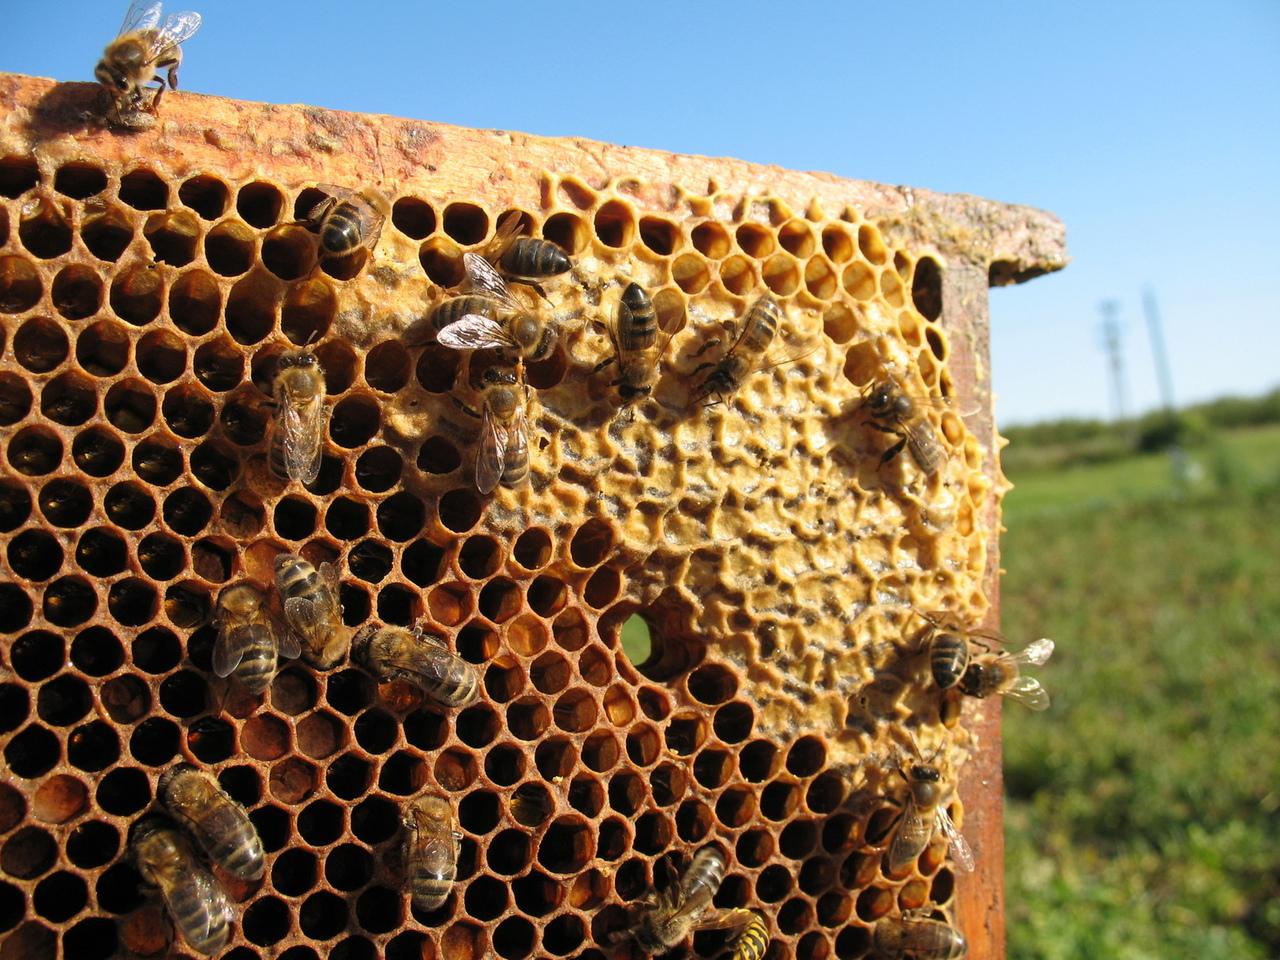 caa6a50bfefe7 Akreditovaný kurz: Základy chovu včiel - Kariéra | moja Nitra